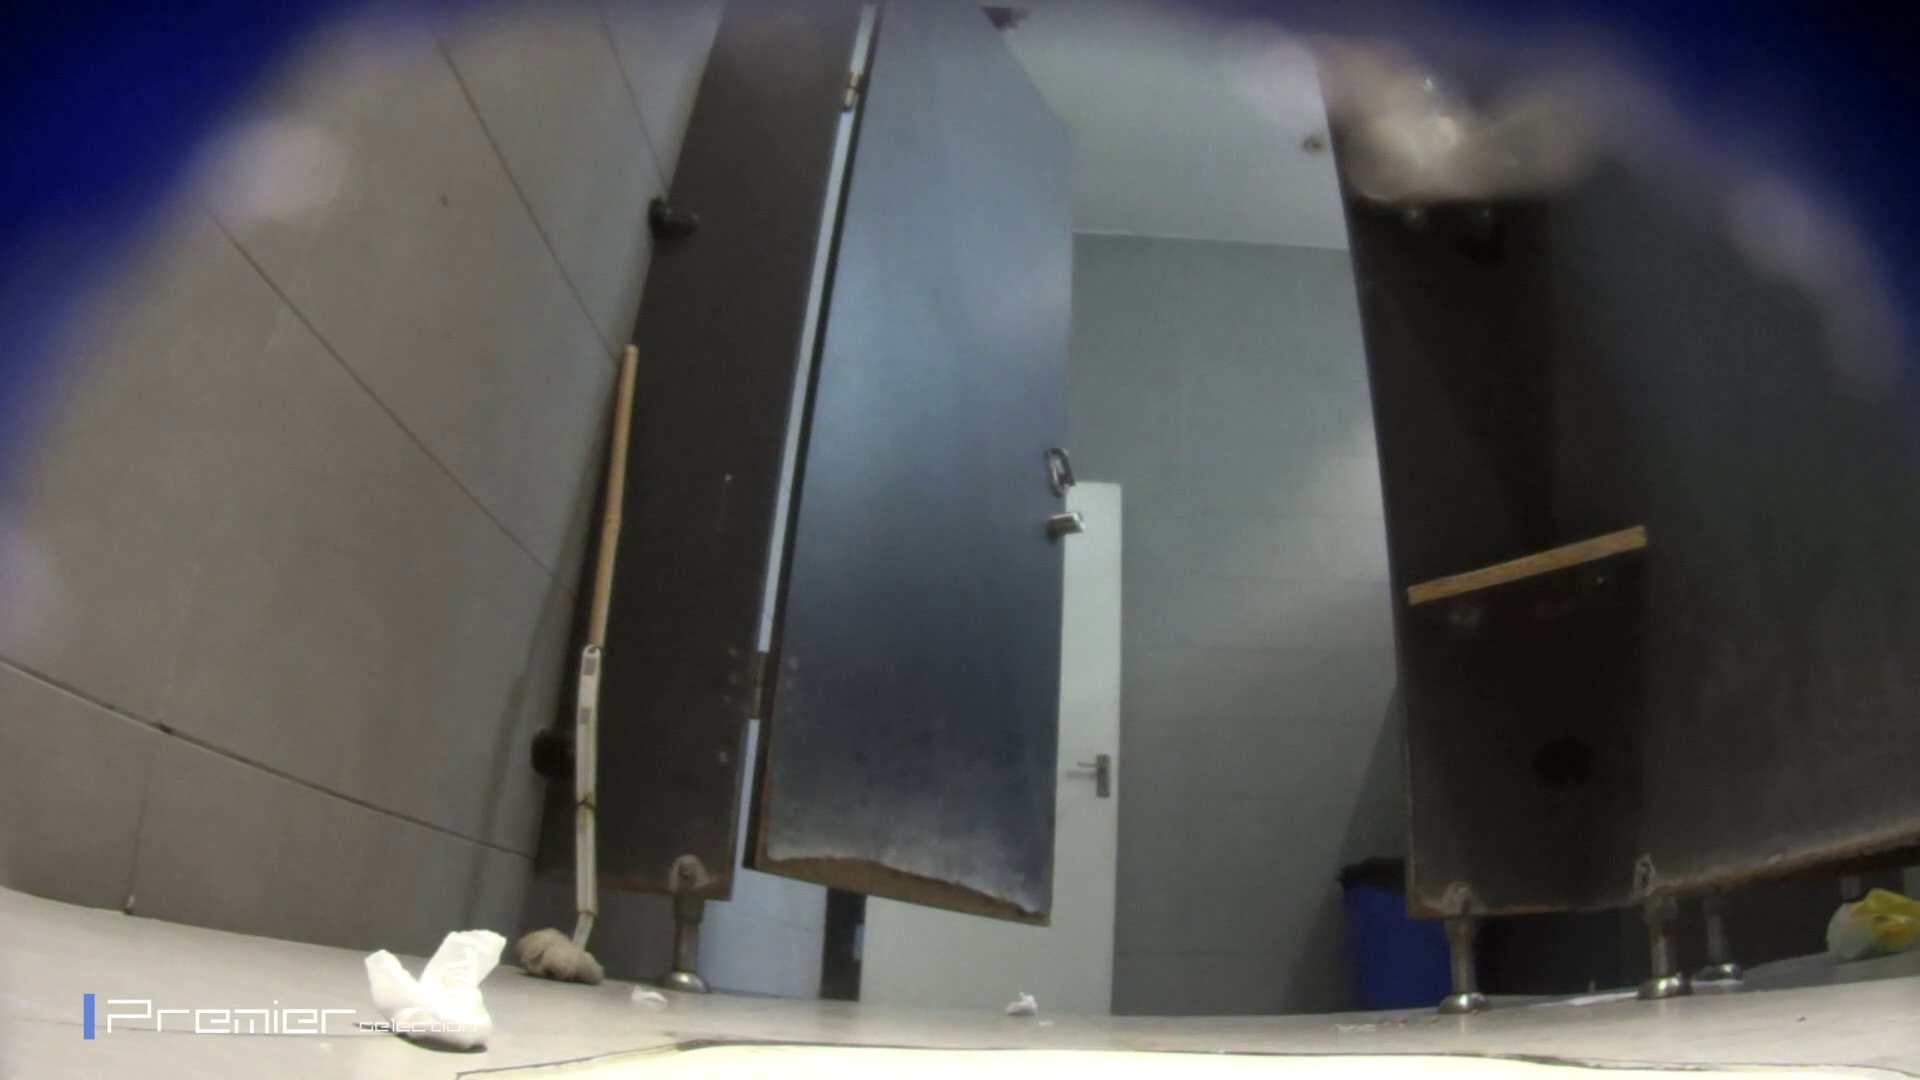 黒スパッツ美女 大学休憩時間の洗面所事情70 美女 AV無料動画キャプチャ 79枚 35